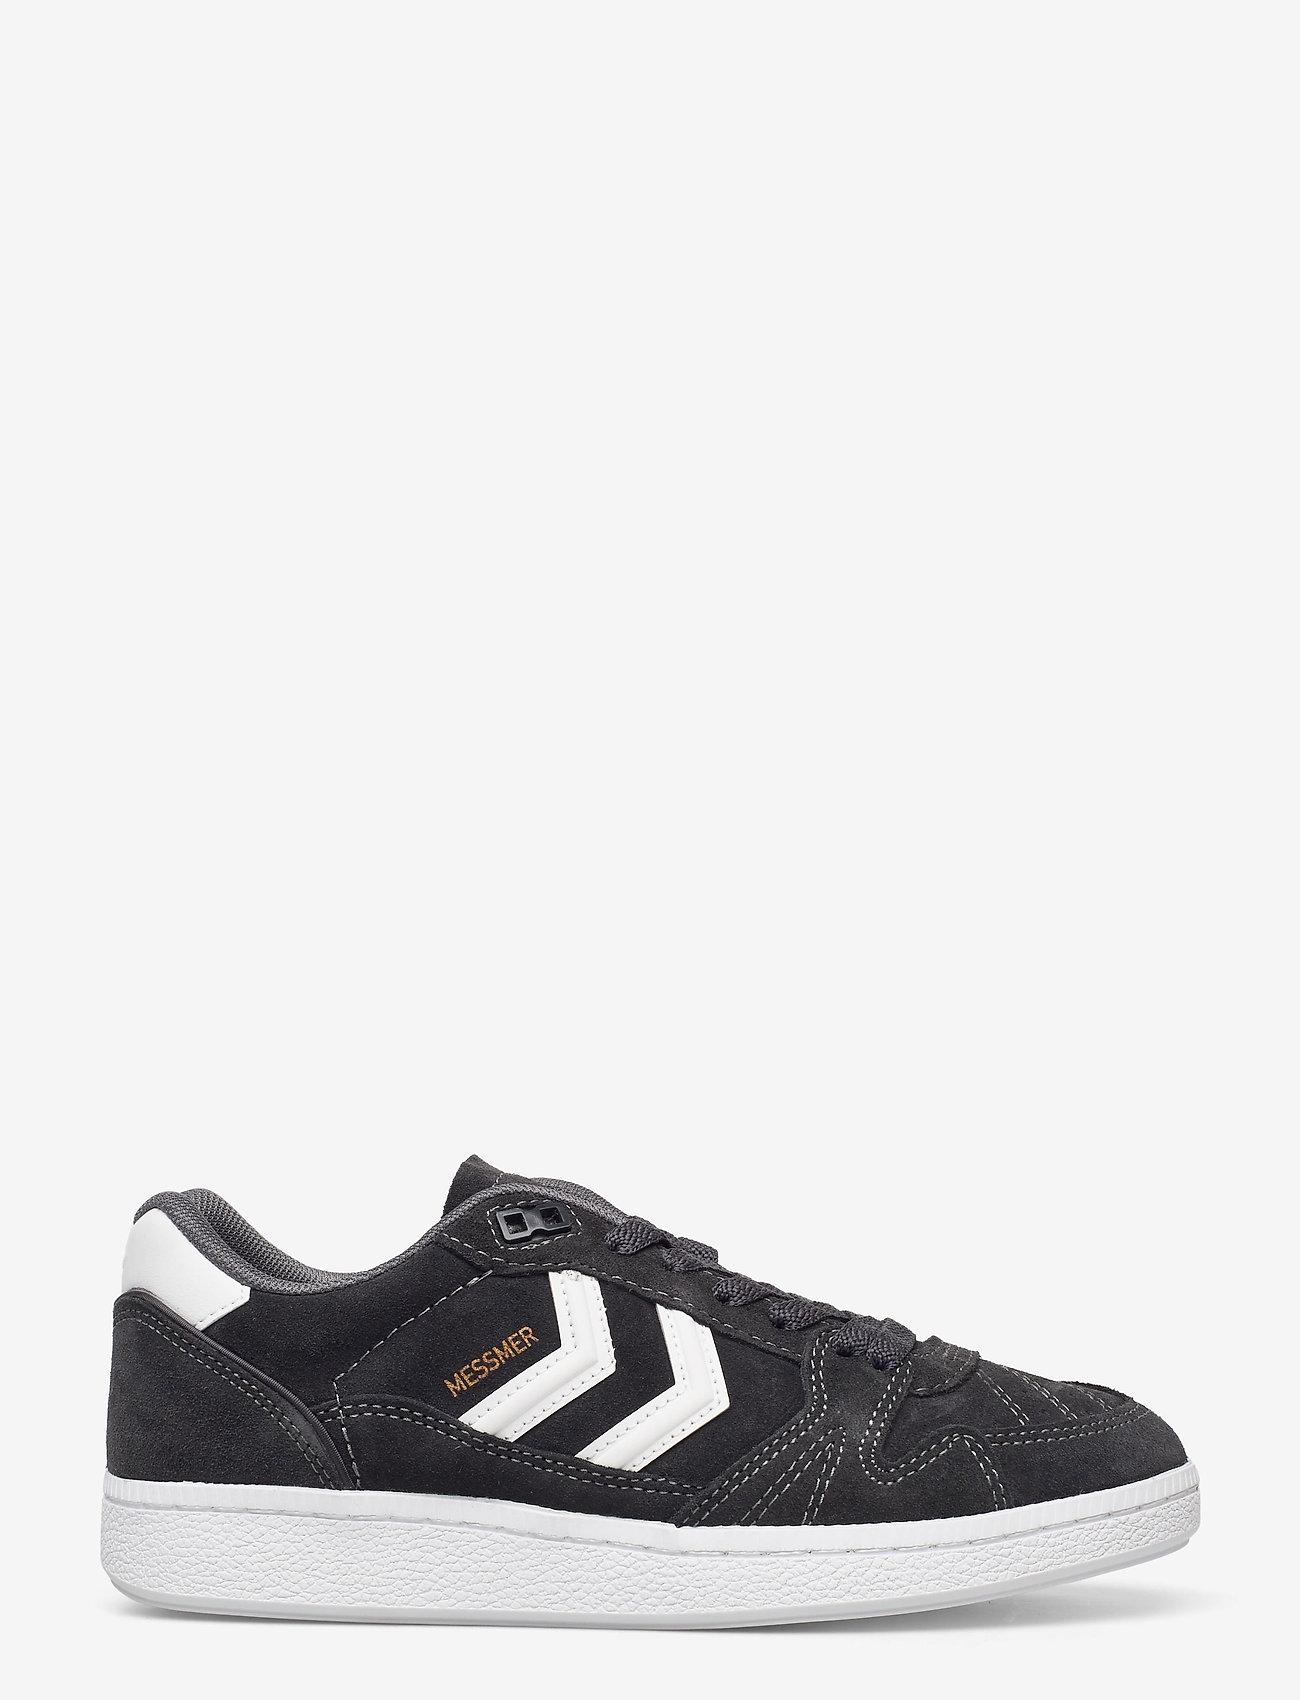 Hummel - HB TEAM SUEDE - laag sneakers - grey - 1